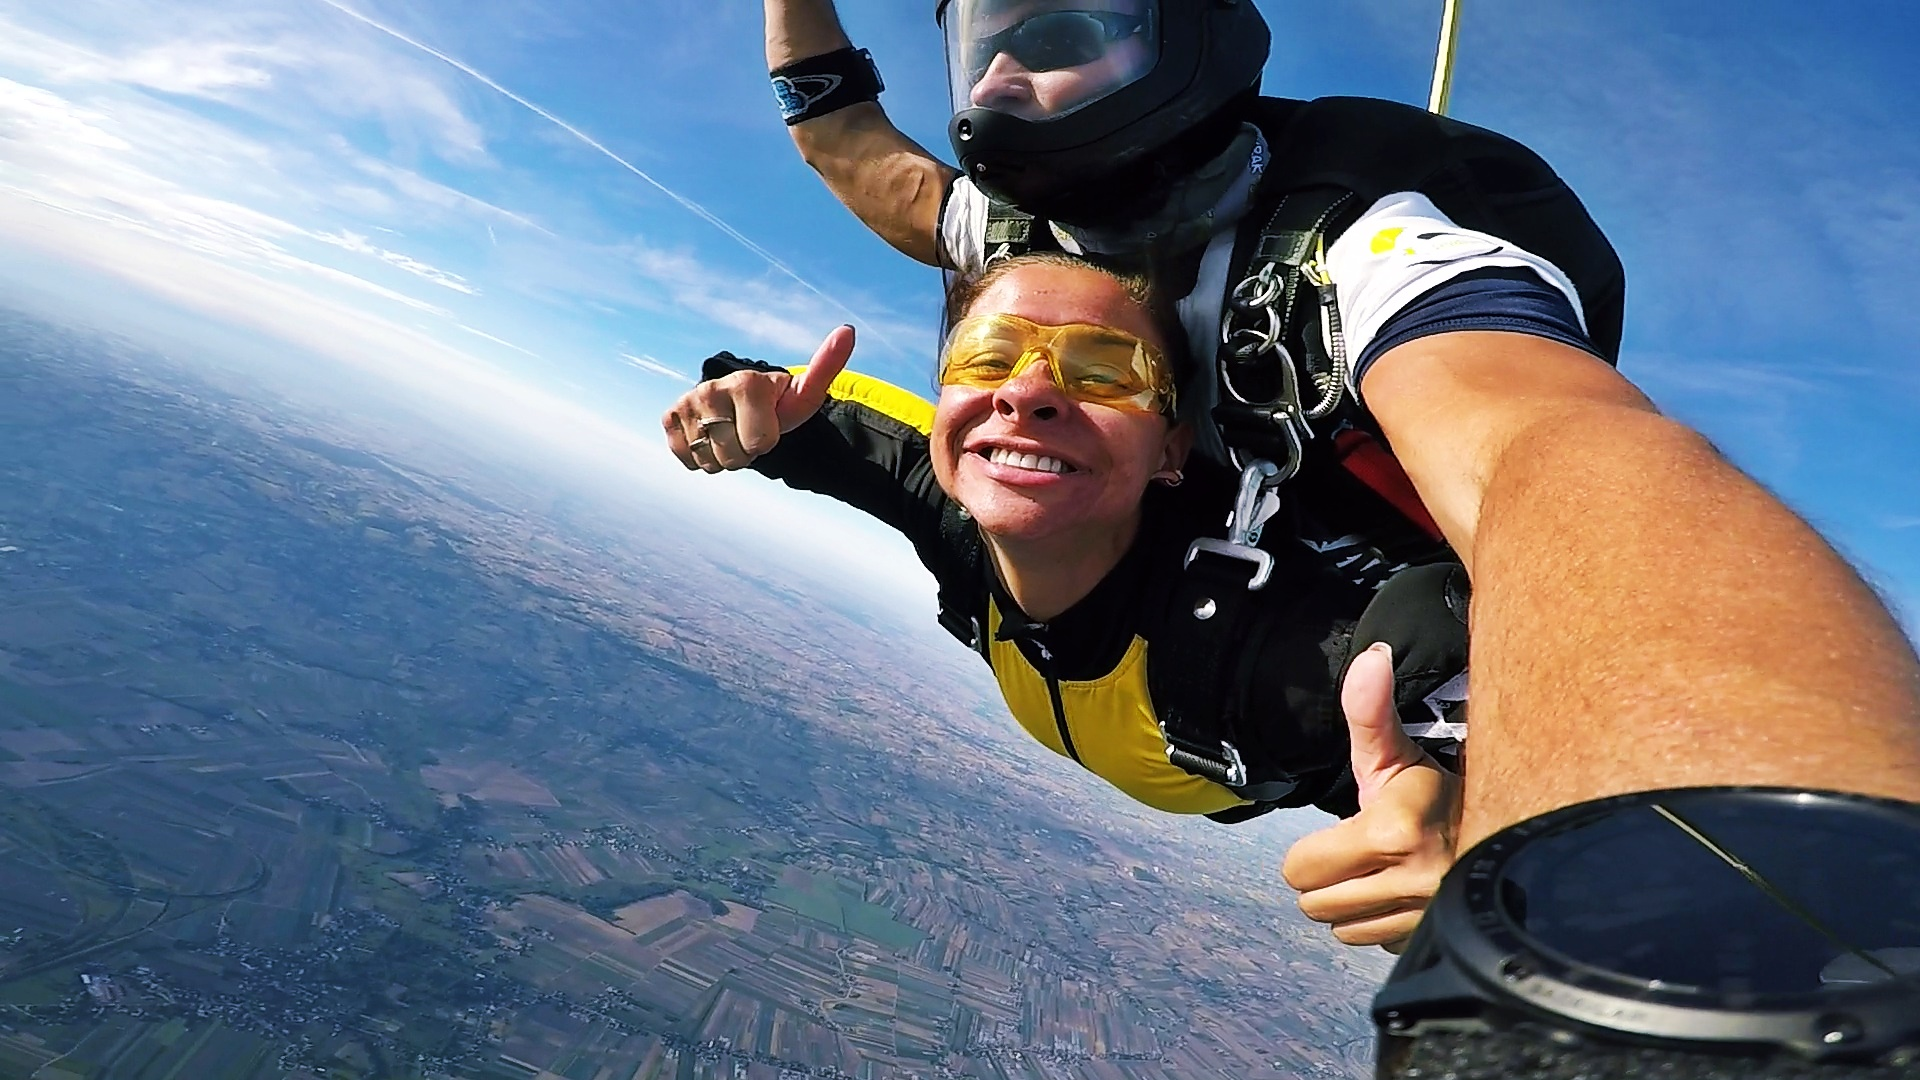 skoki na spadochronie tandem kraków wdsf